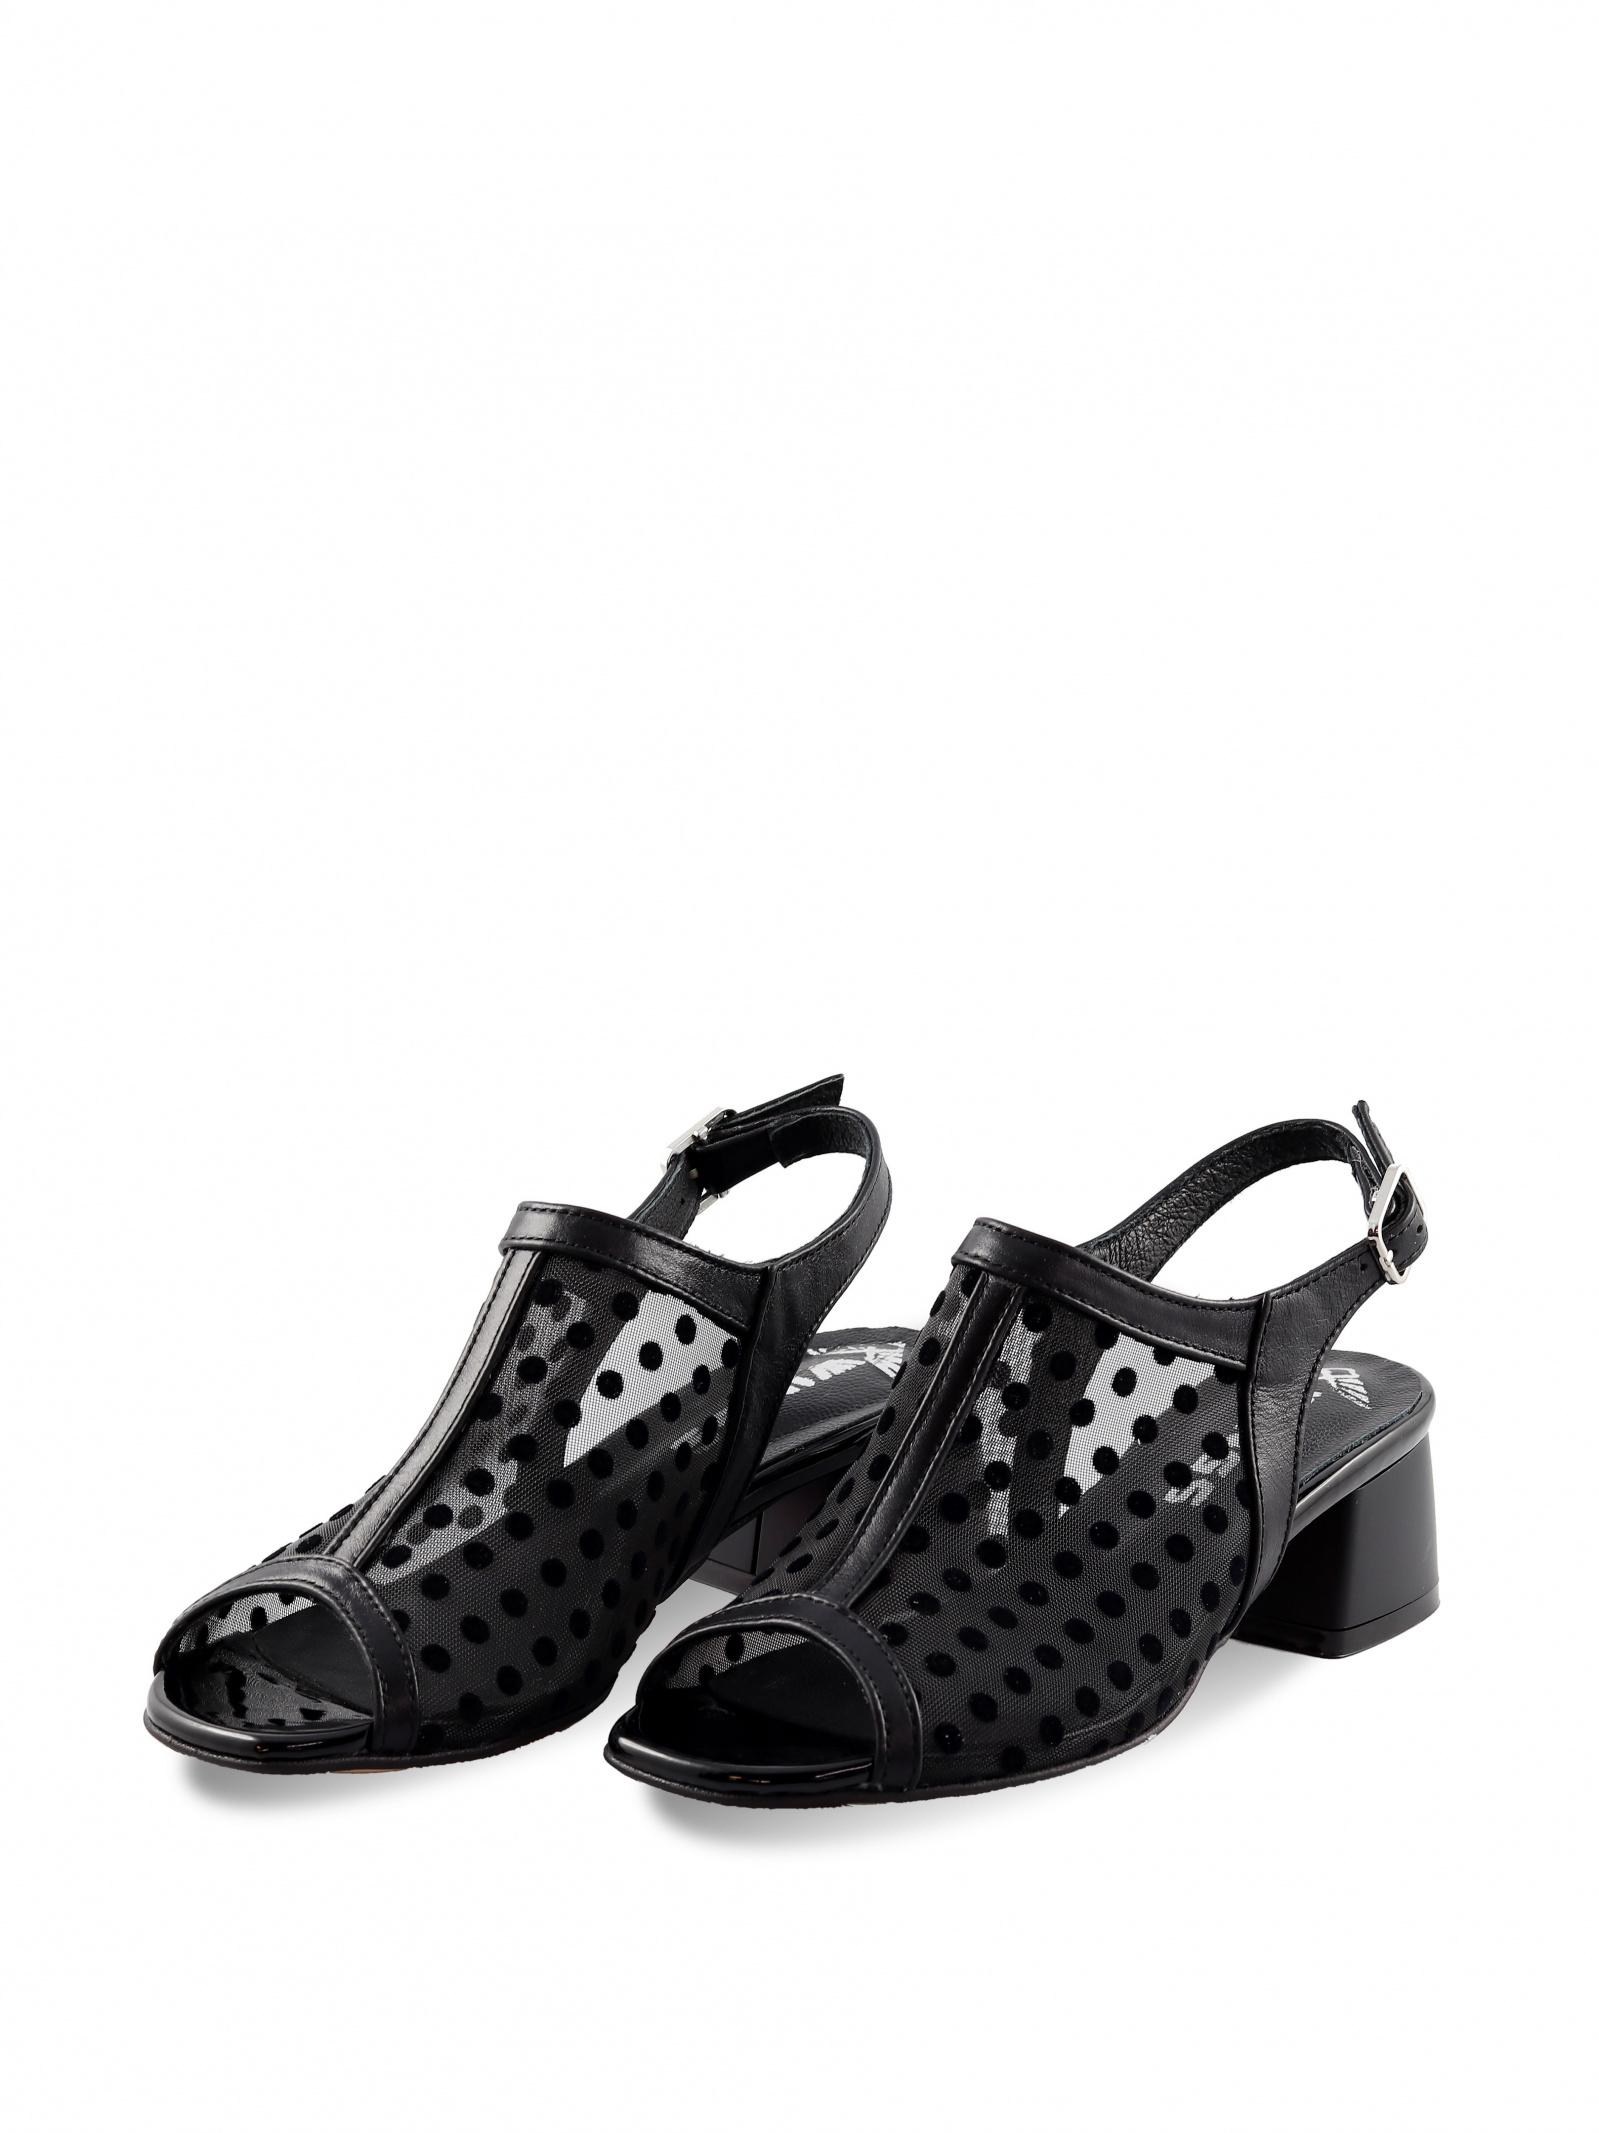 Босоніжки  для жінок Wings 0015604 розміри взуття, 2017